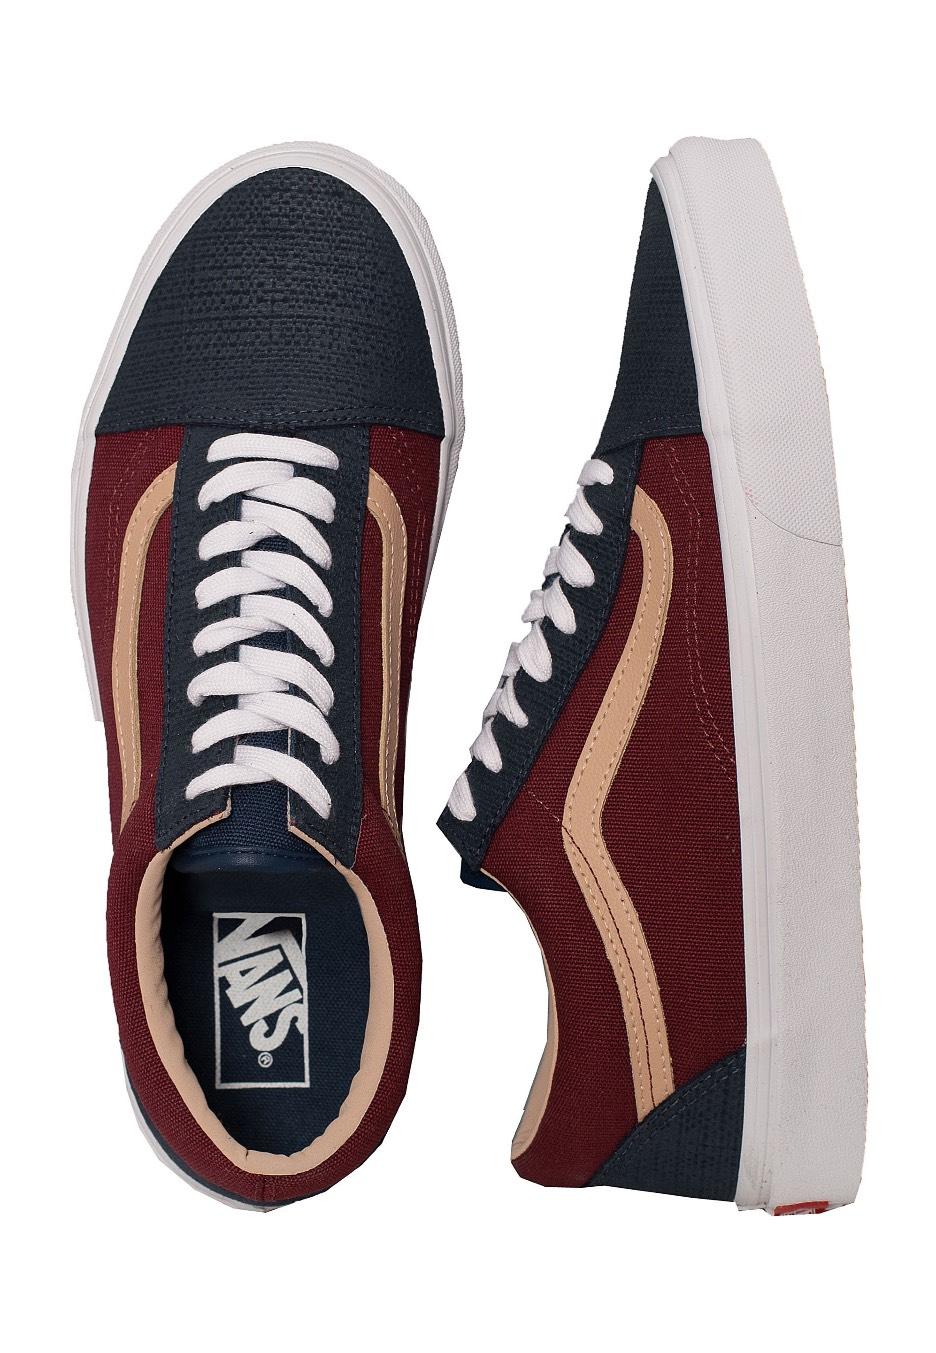 550b374eb7e2 Vans - Old Skool Textured Suede Sailor Blue - Shoes - Impericon.com AU